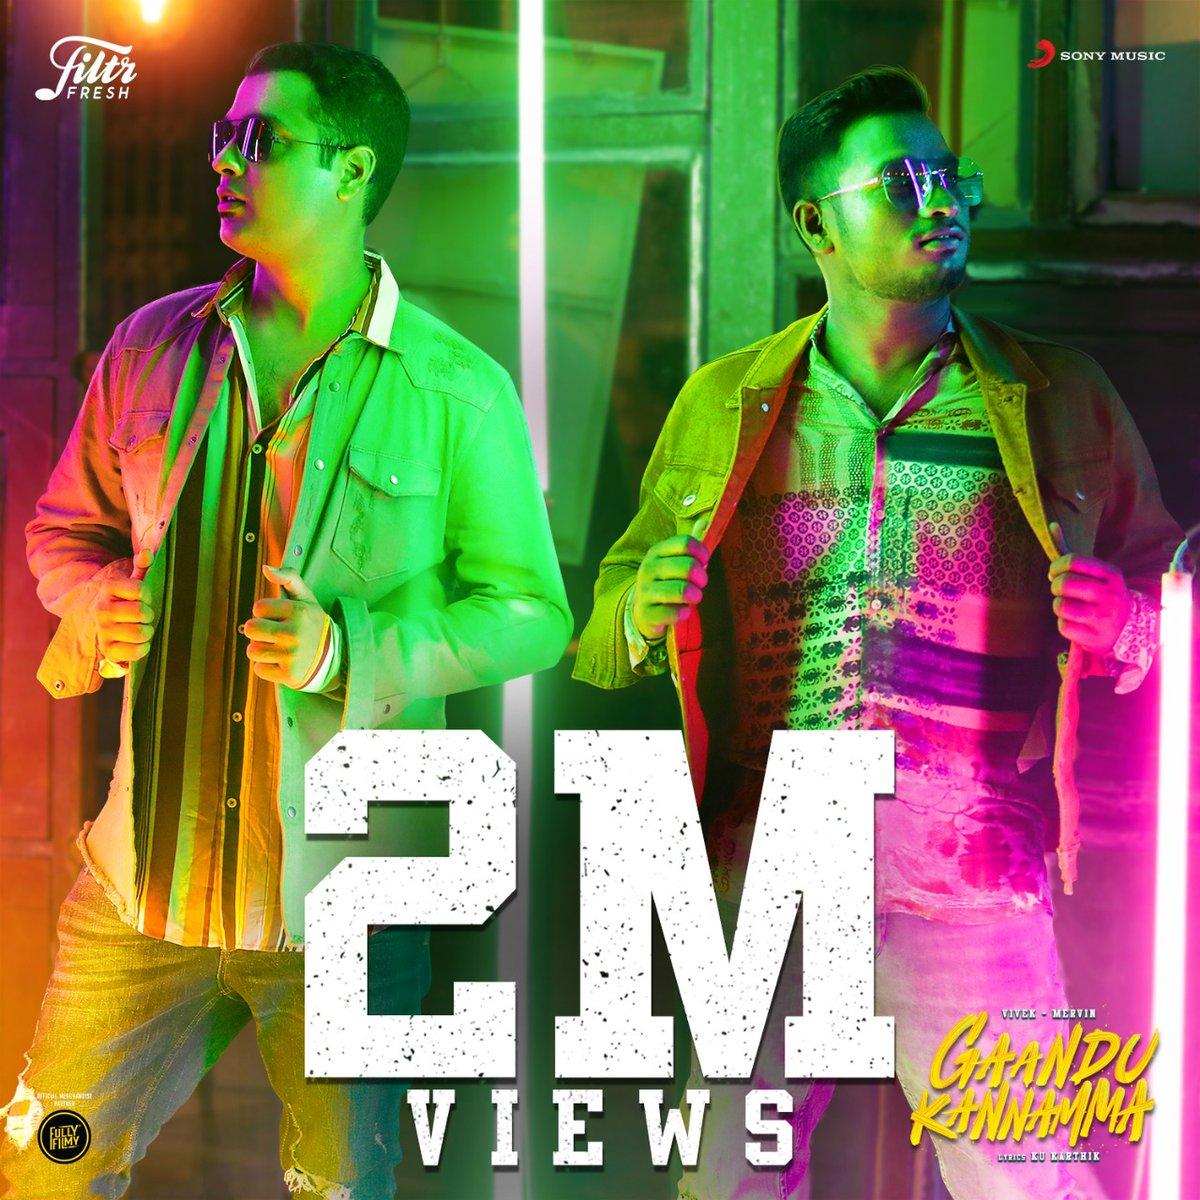 2 million 💕 for #GaanduKannamma !!! Thank you all !  @iamviveksiva @KuKarthk @PawanAlex @SonyMusicSouth @JafferJiky